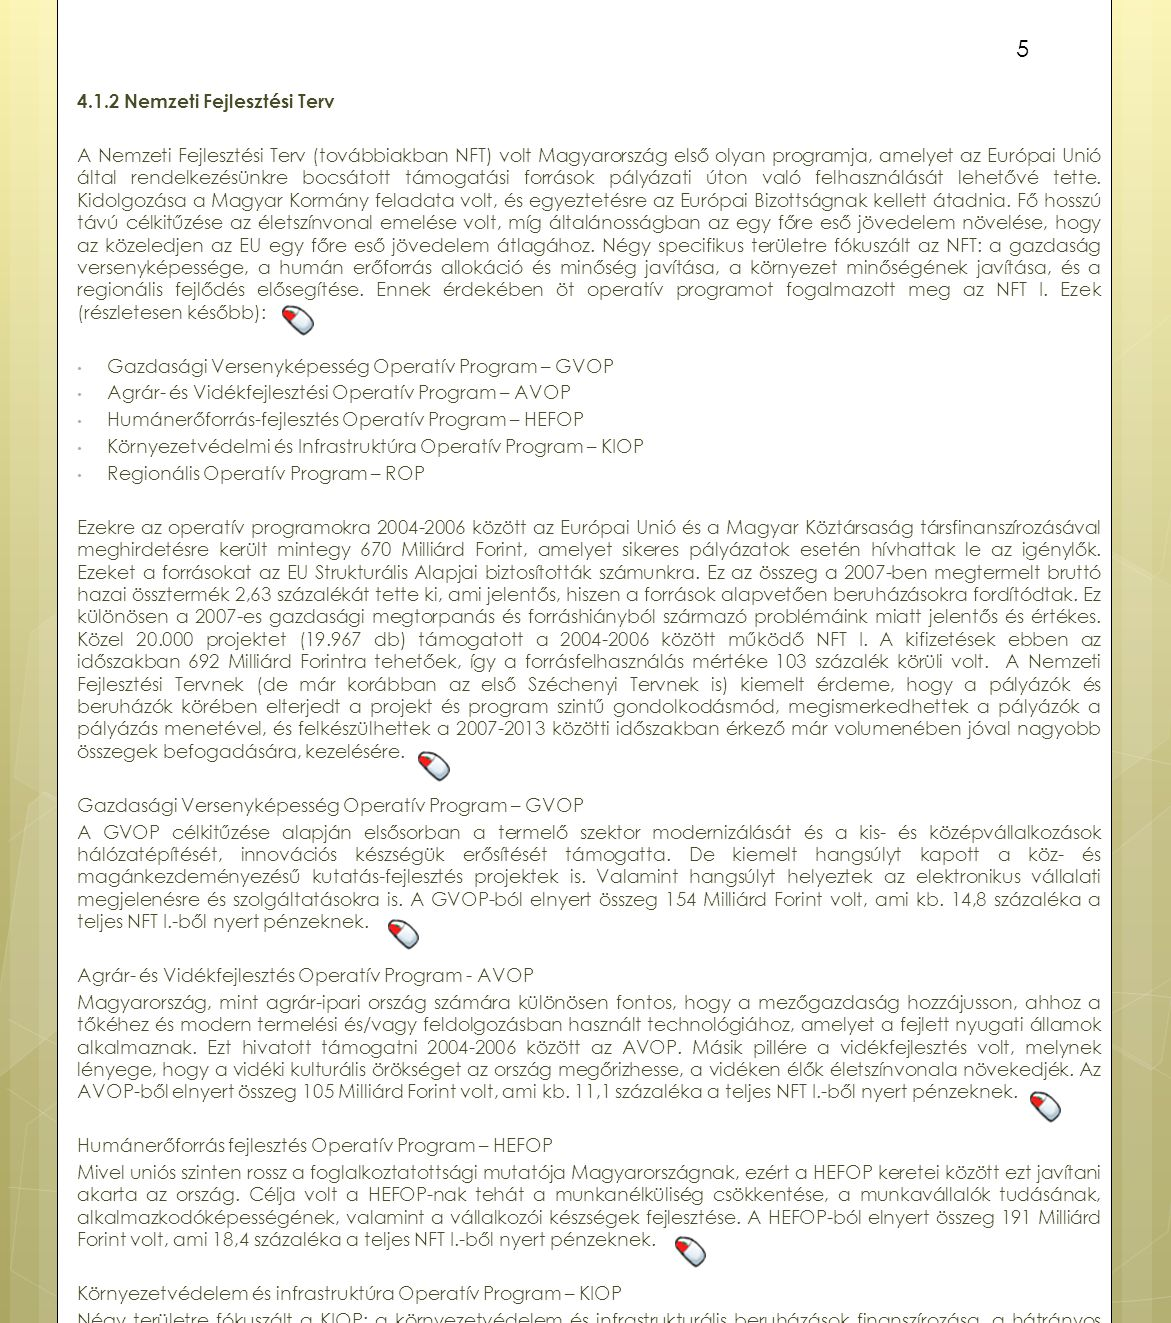 4.1.2 Nemzeti Fejlesztési Terv